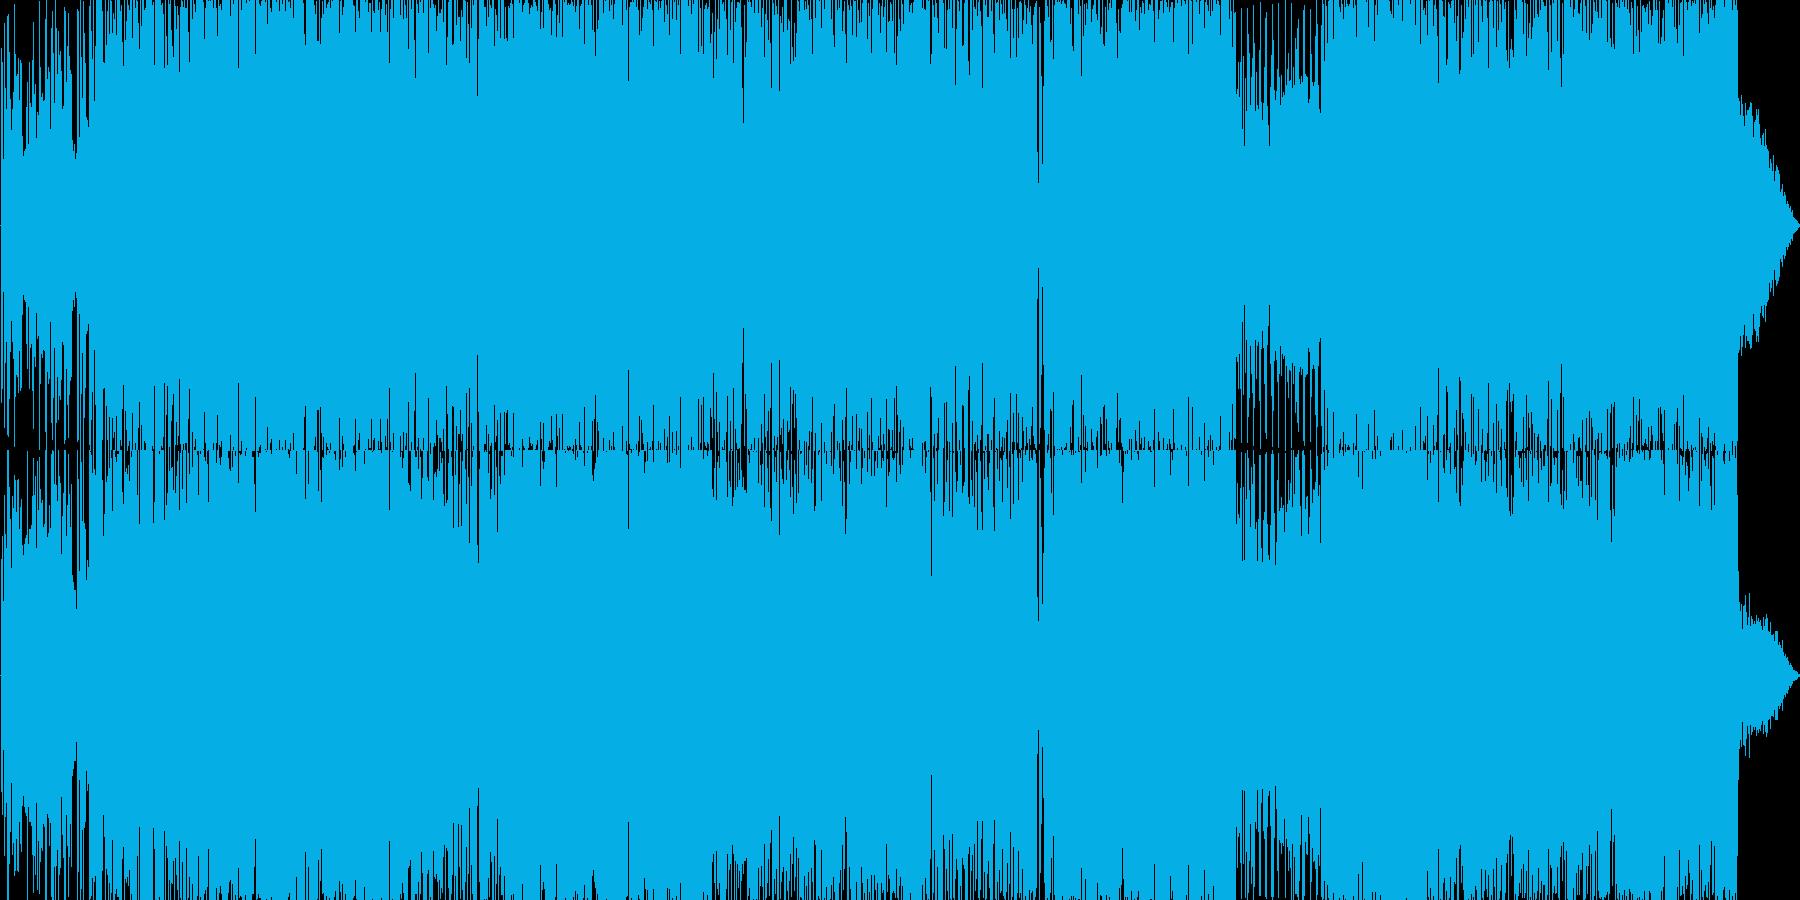 スーパーロボットのテーマ曲風の再生済みの波形